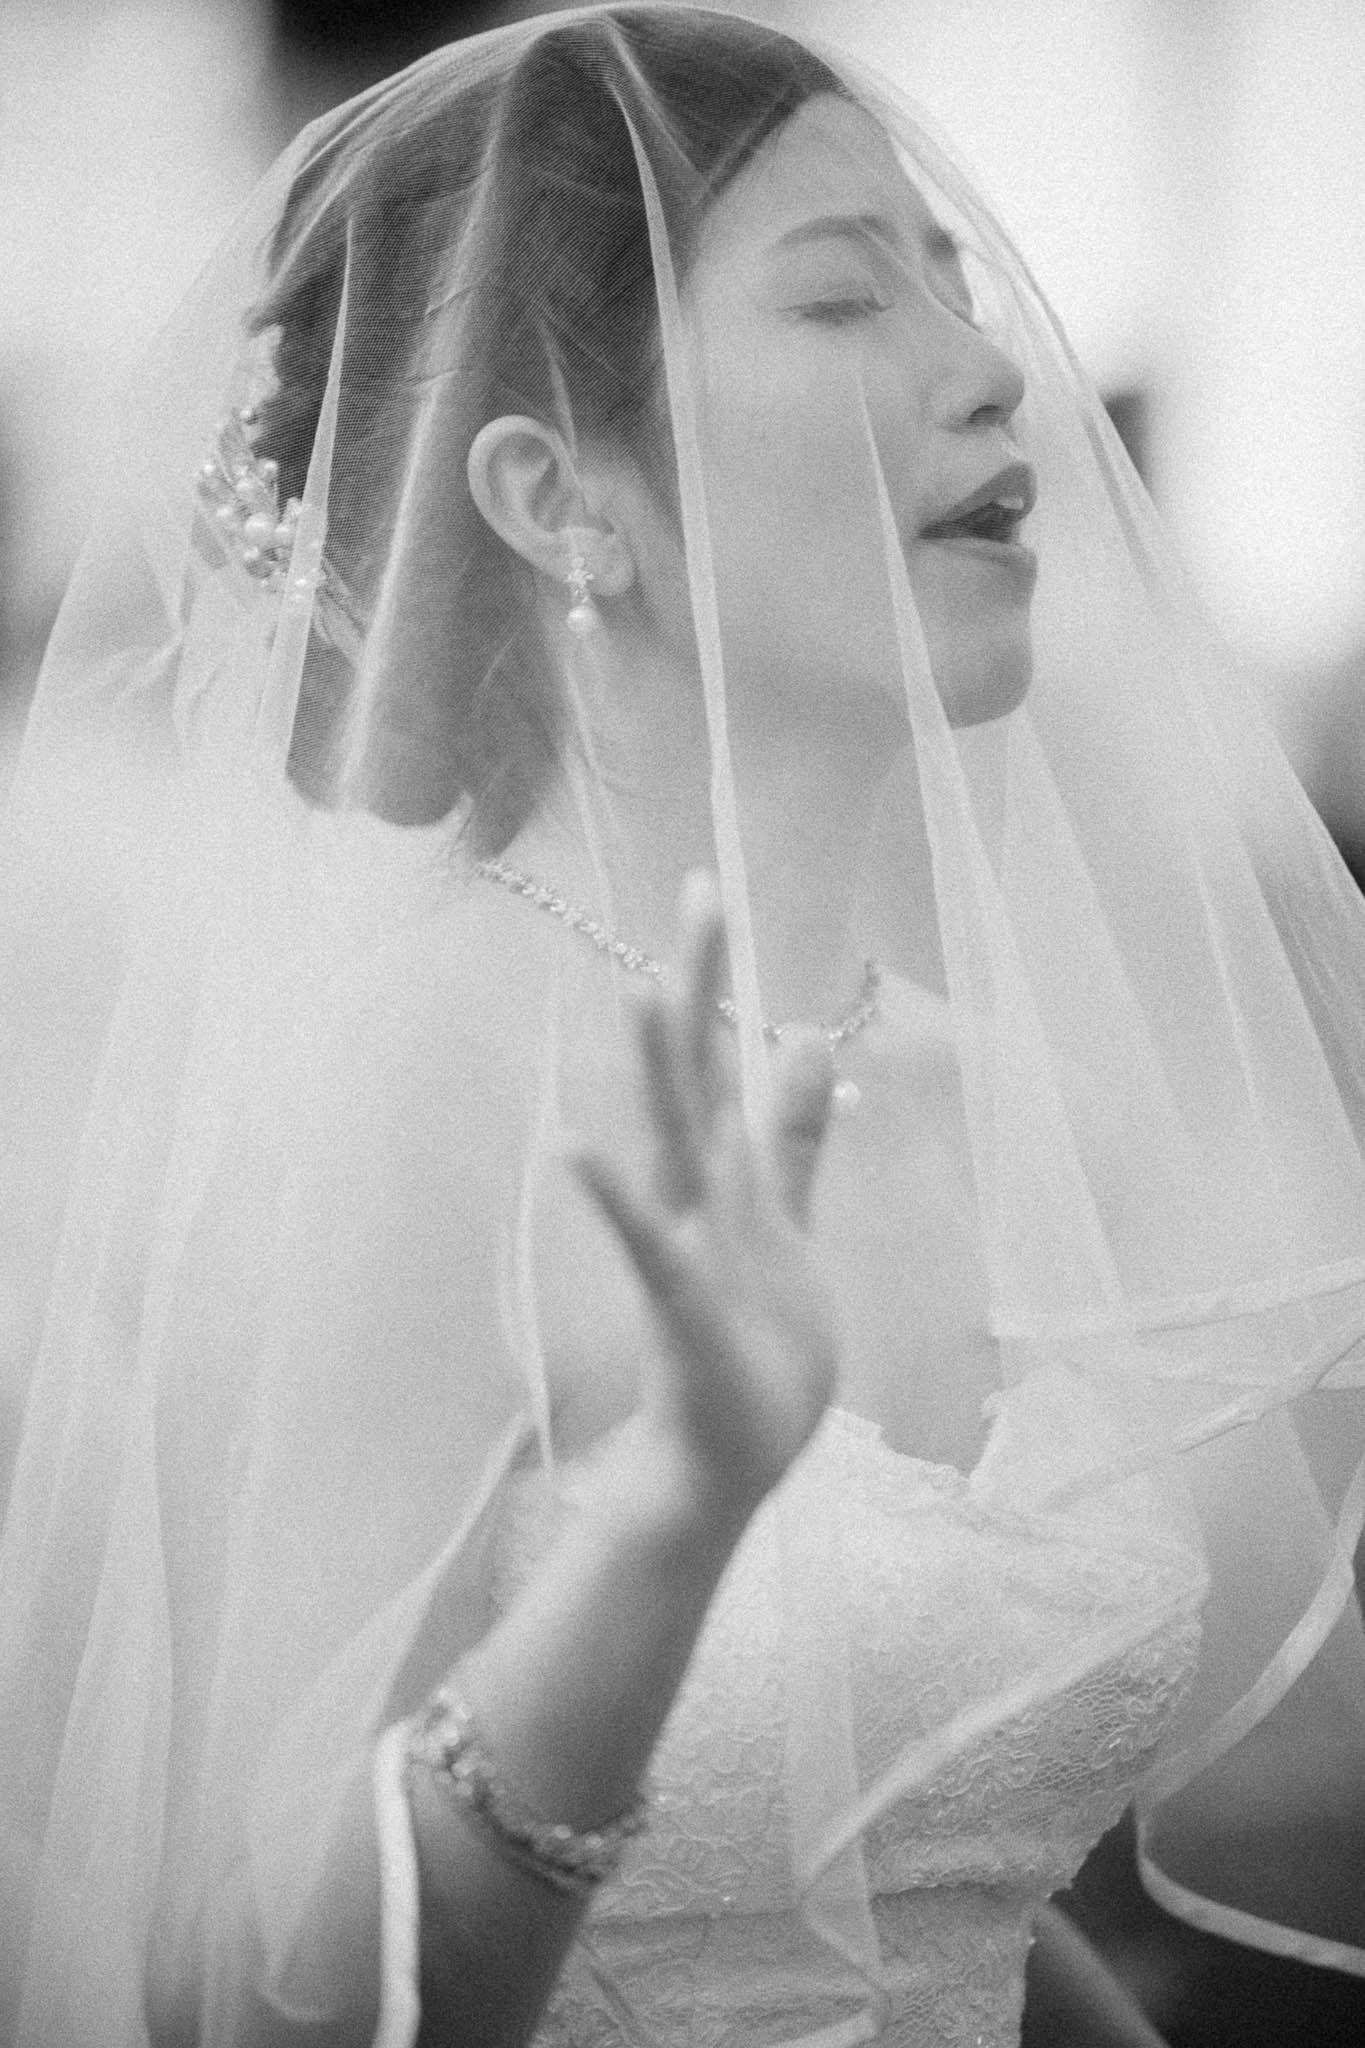 singapore-wedding-photographer-wemadethese-favourites-032.jpg